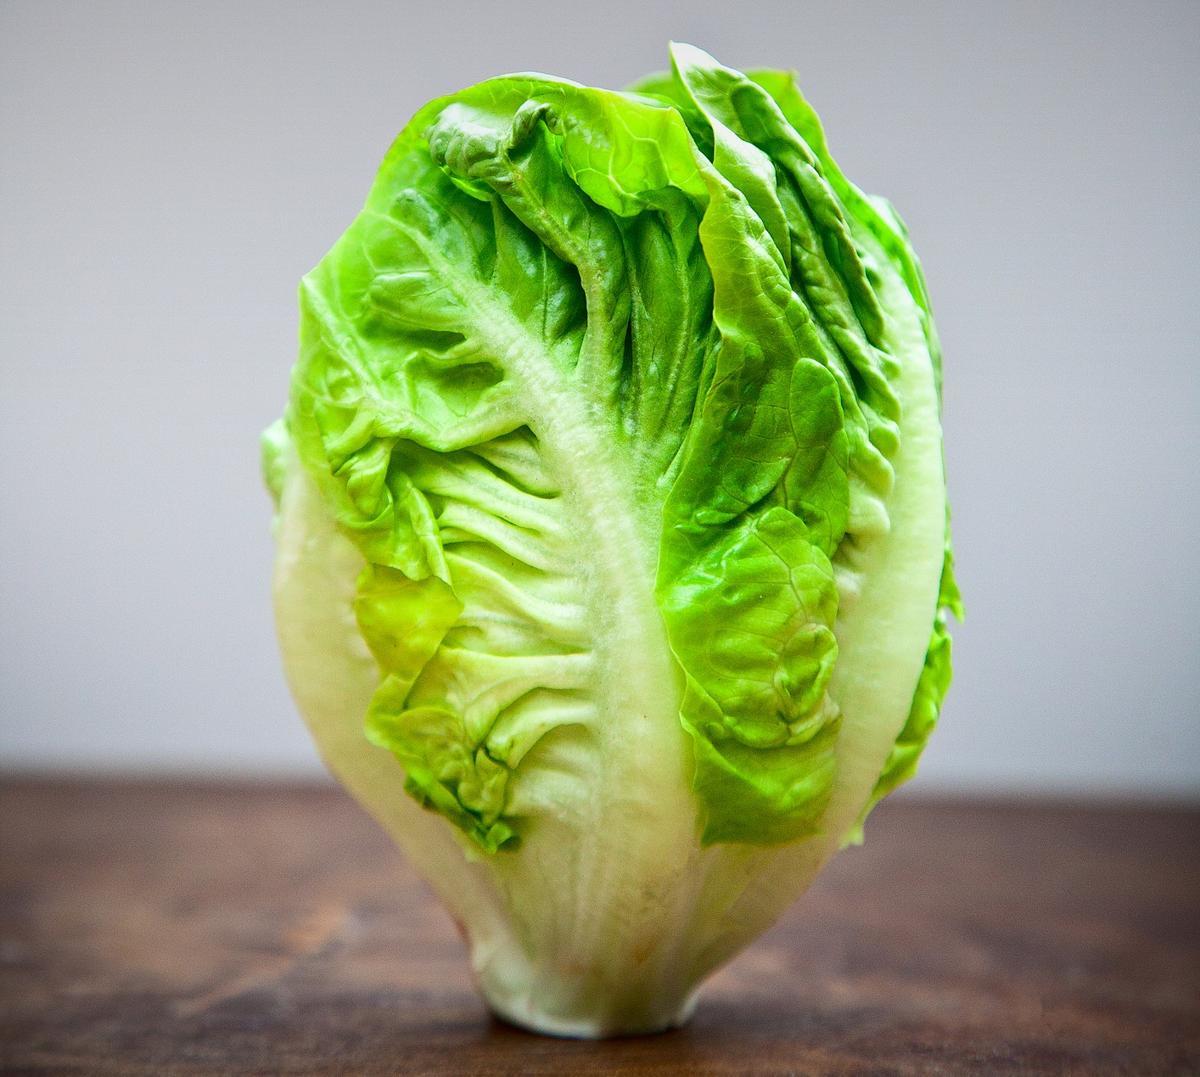 Are you salad-bar savvy?